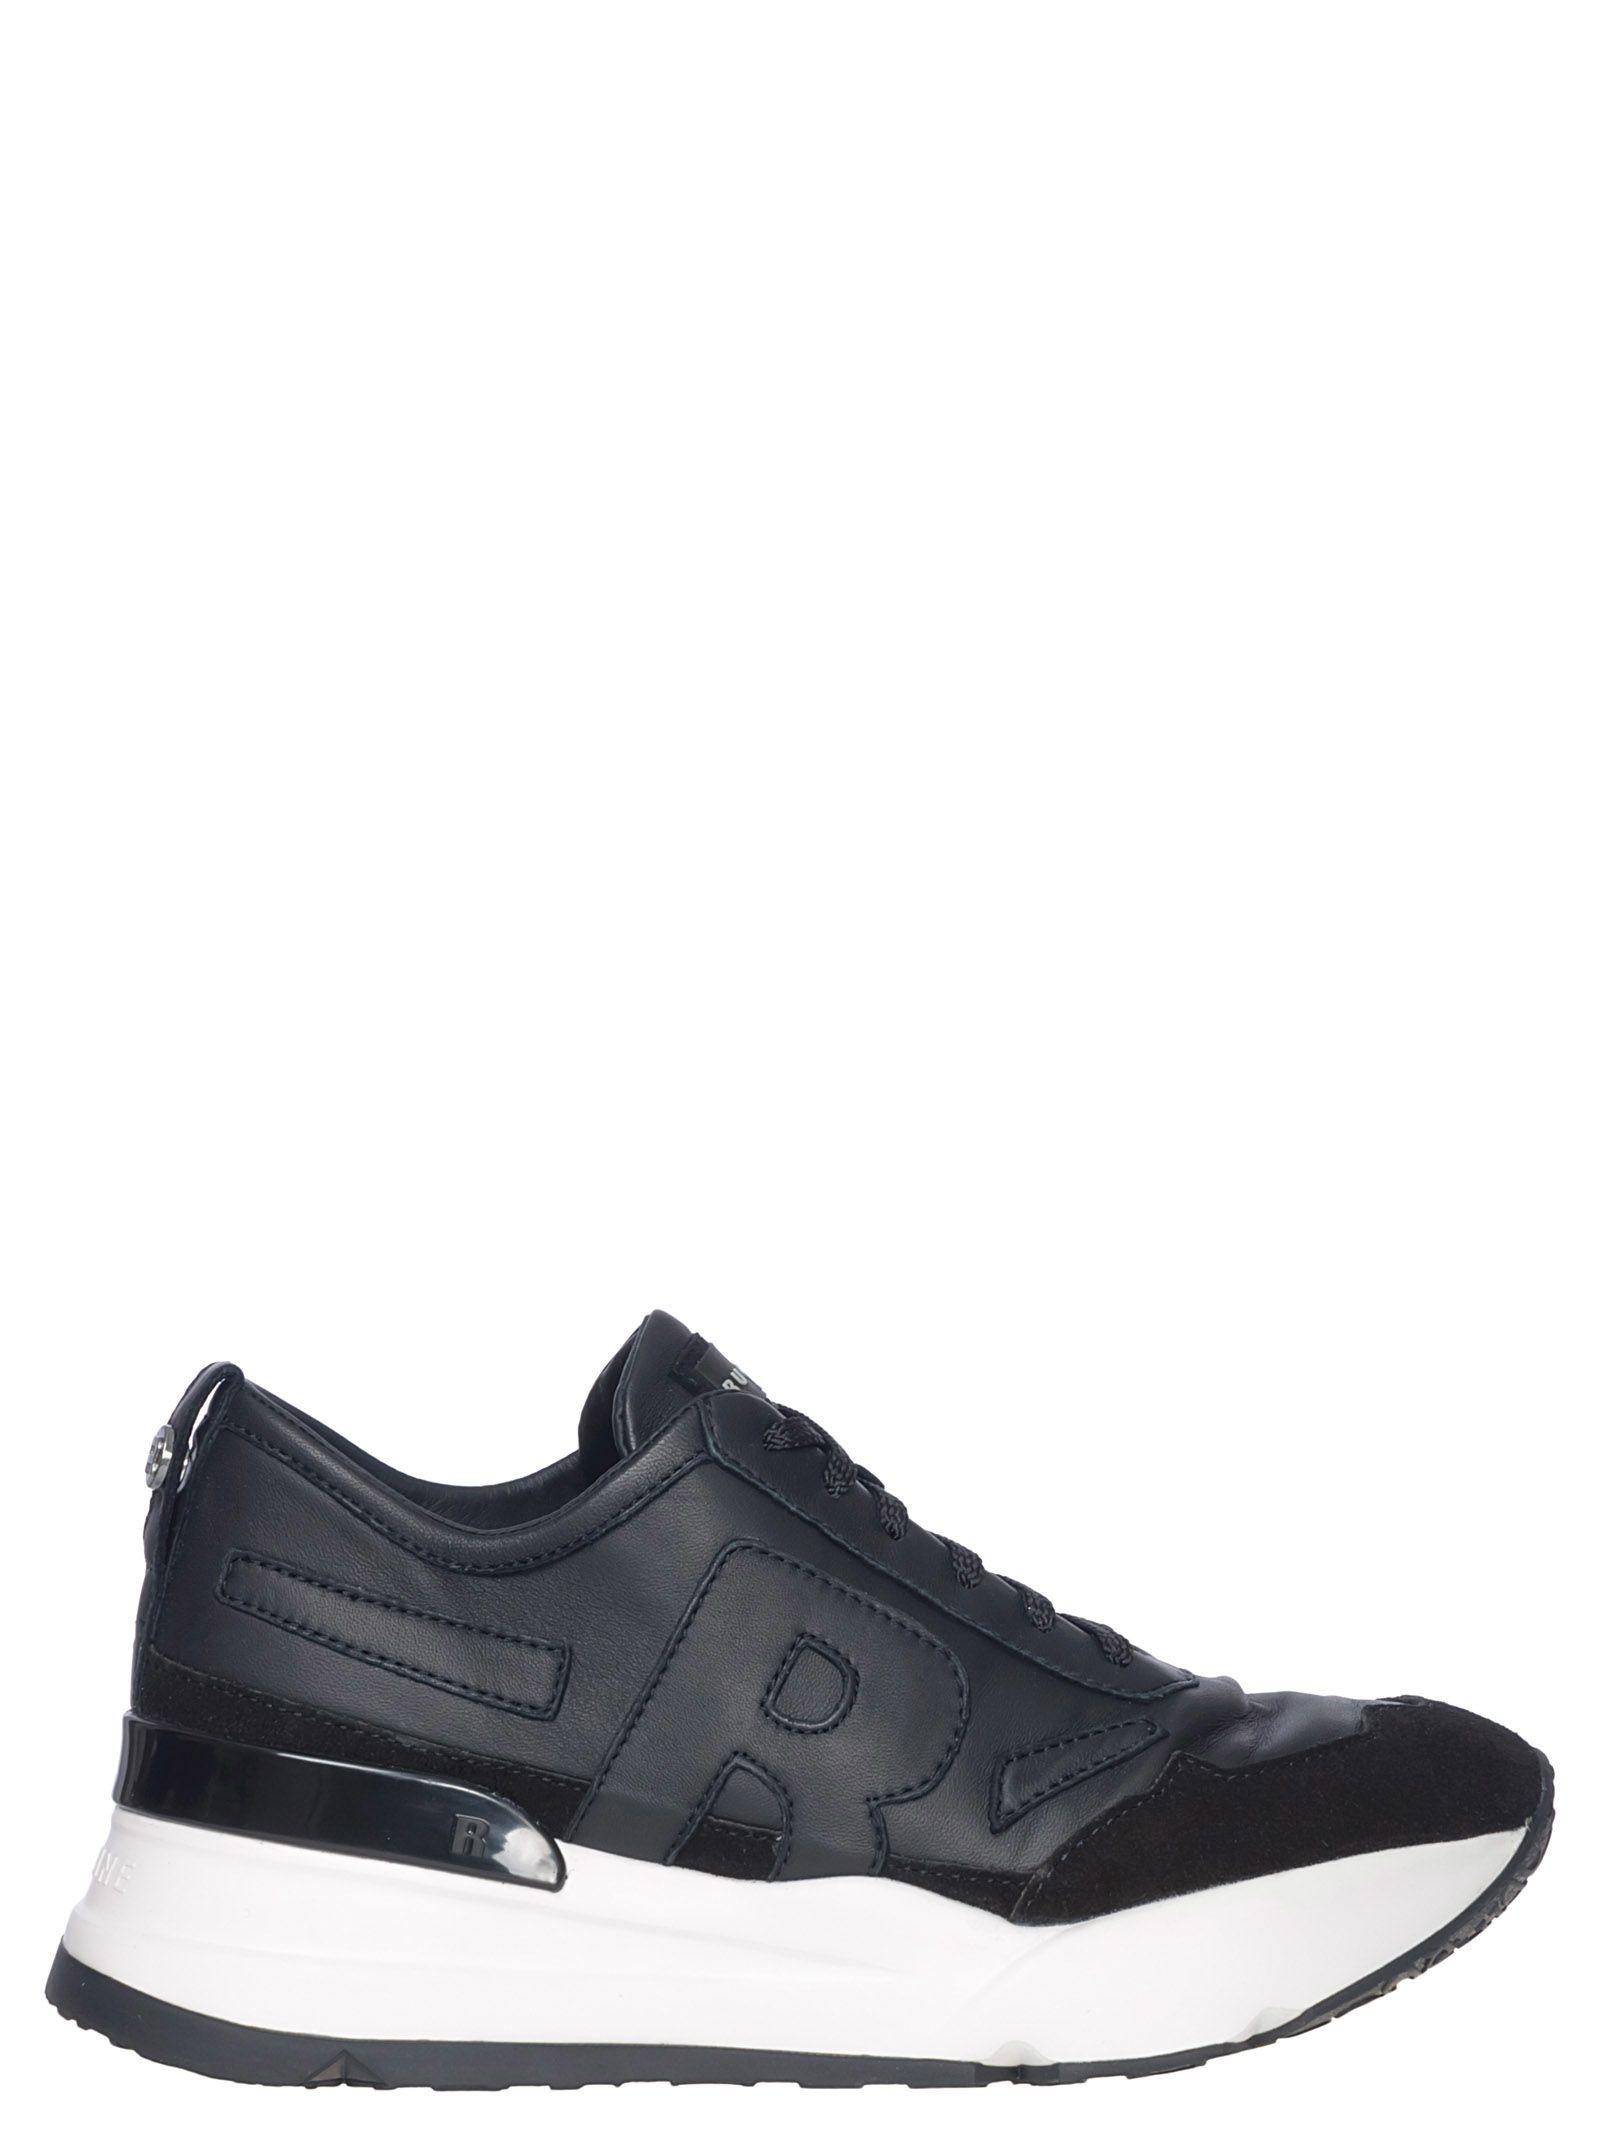 RUCO LINE Rucoline Sneakers Diamond in Nero